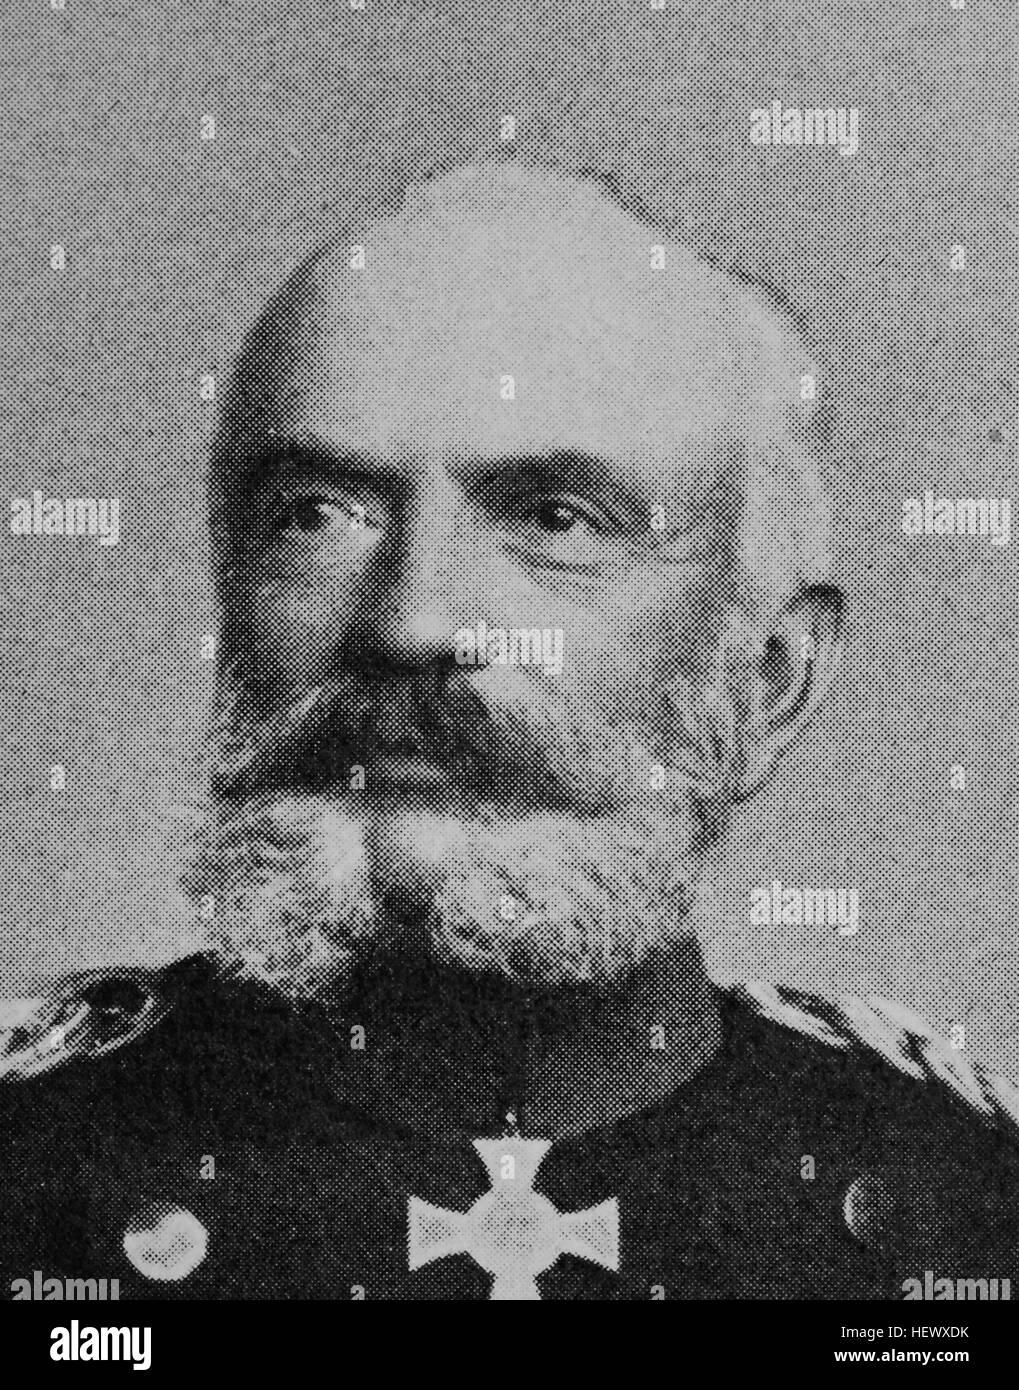 Sigismund Wilhelm Lorenz von Schlichting, October 3, 1829 - October 22, 1909, was a Prussian general and military - Stock Image